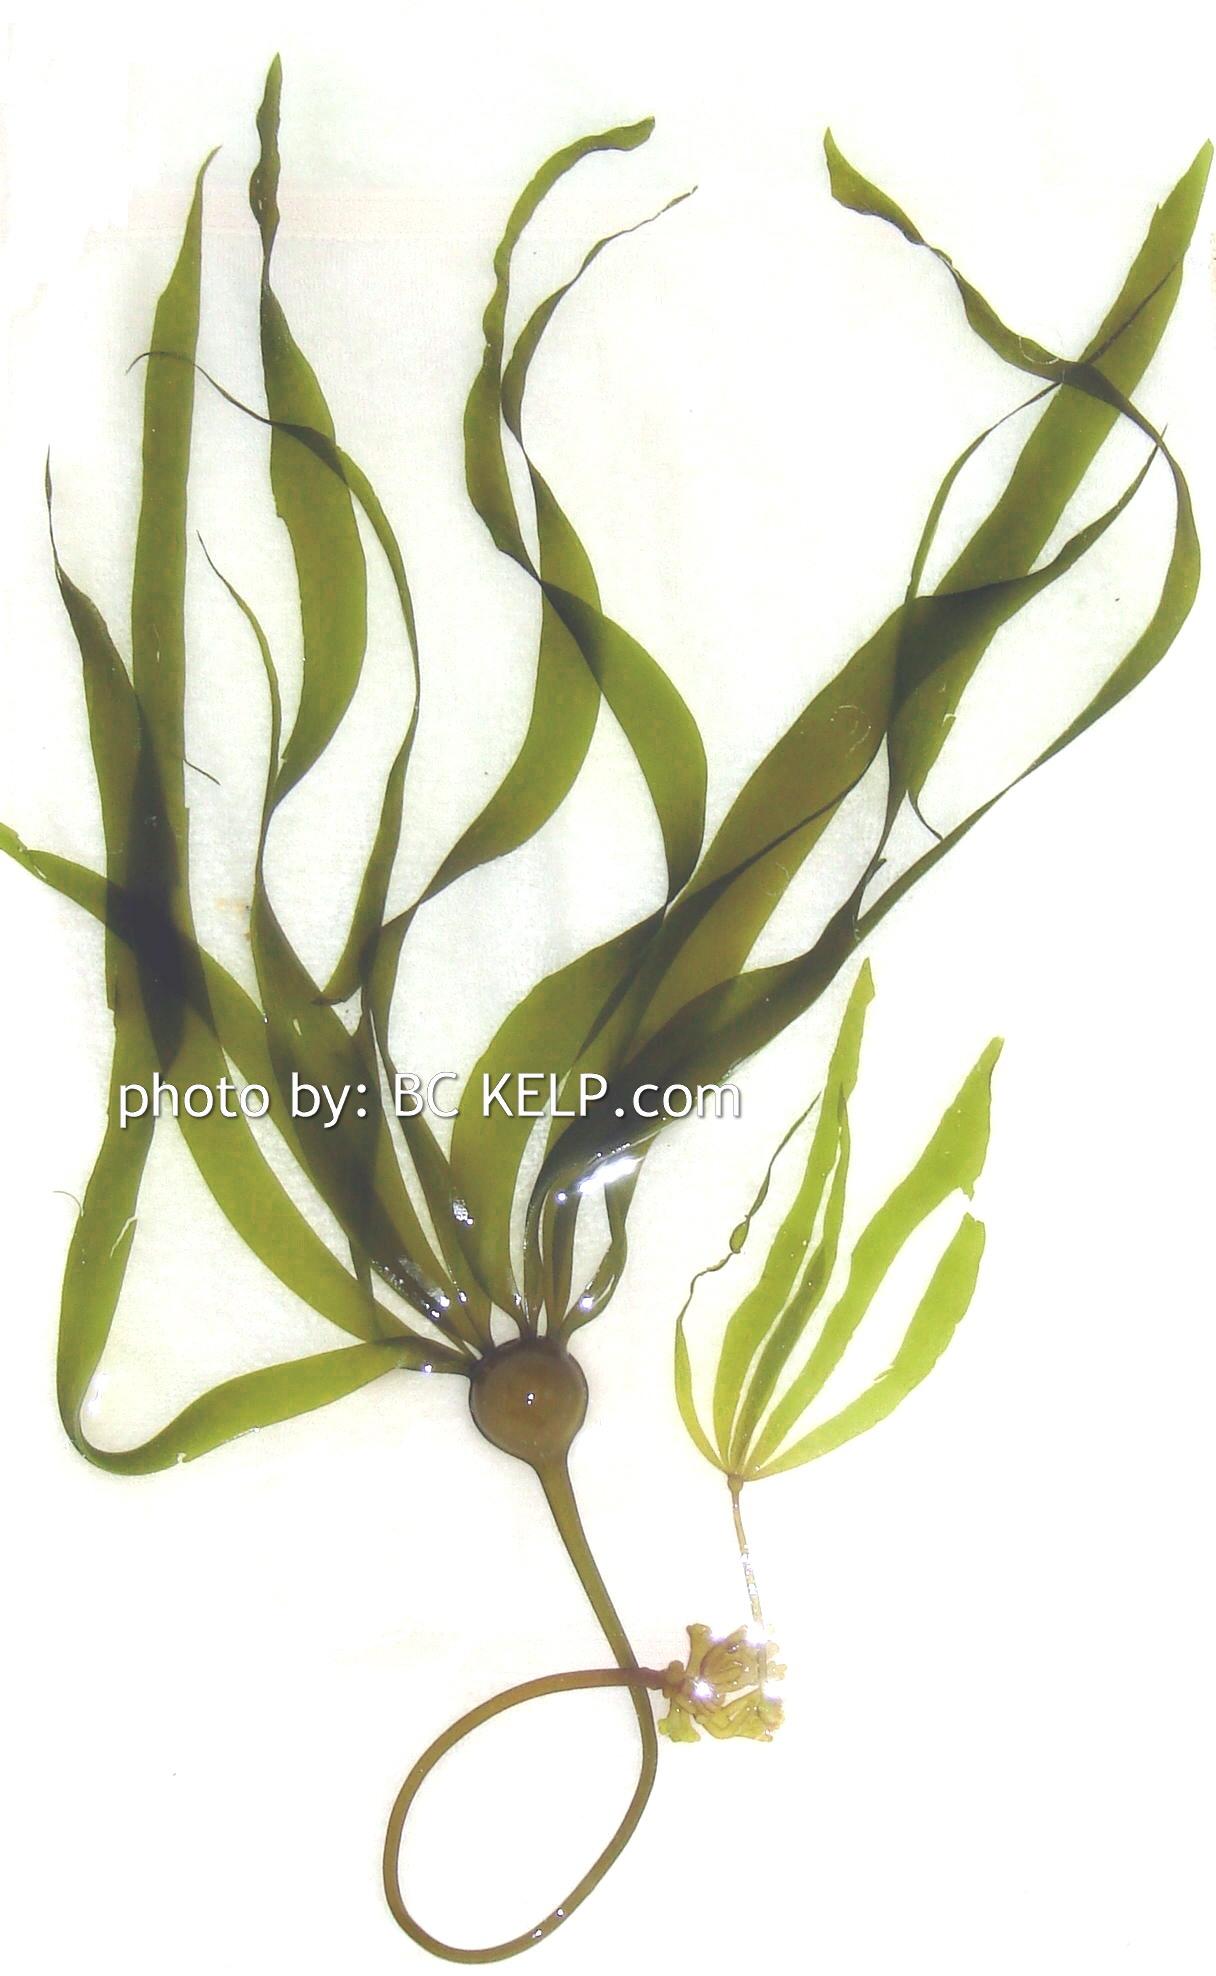 bc kelpabout kelp british columbia kelpcanada bc kelp